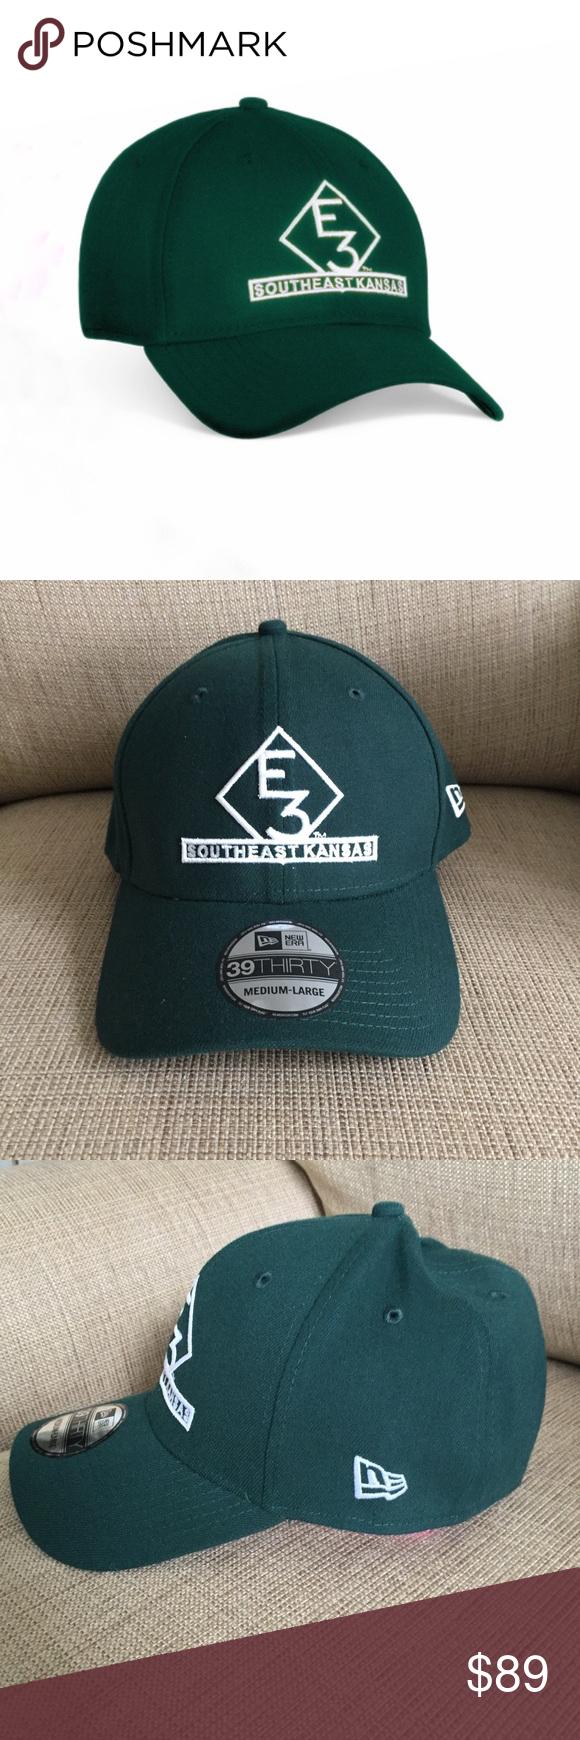 Canada Southeast Kansas Hat 7ae1b Dc2a0